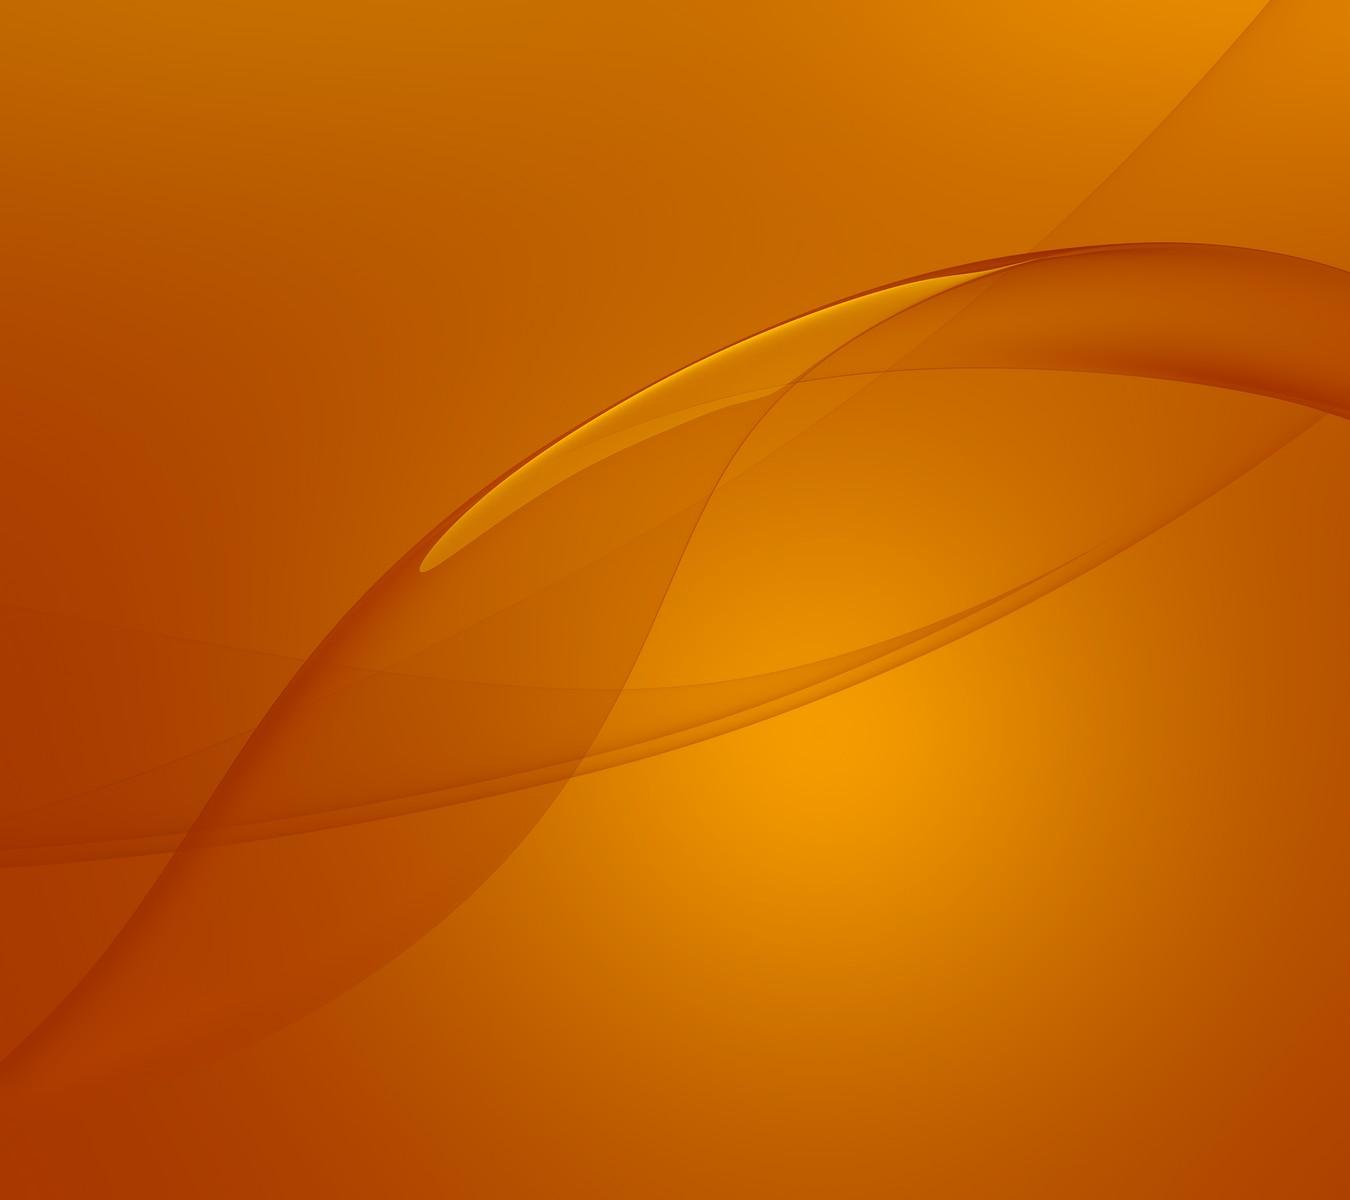 Hd wallpaper xperia z3 - Sony Xperia Z3 Wallpaper Ufficiali Disponibili Al Download Hdblog It